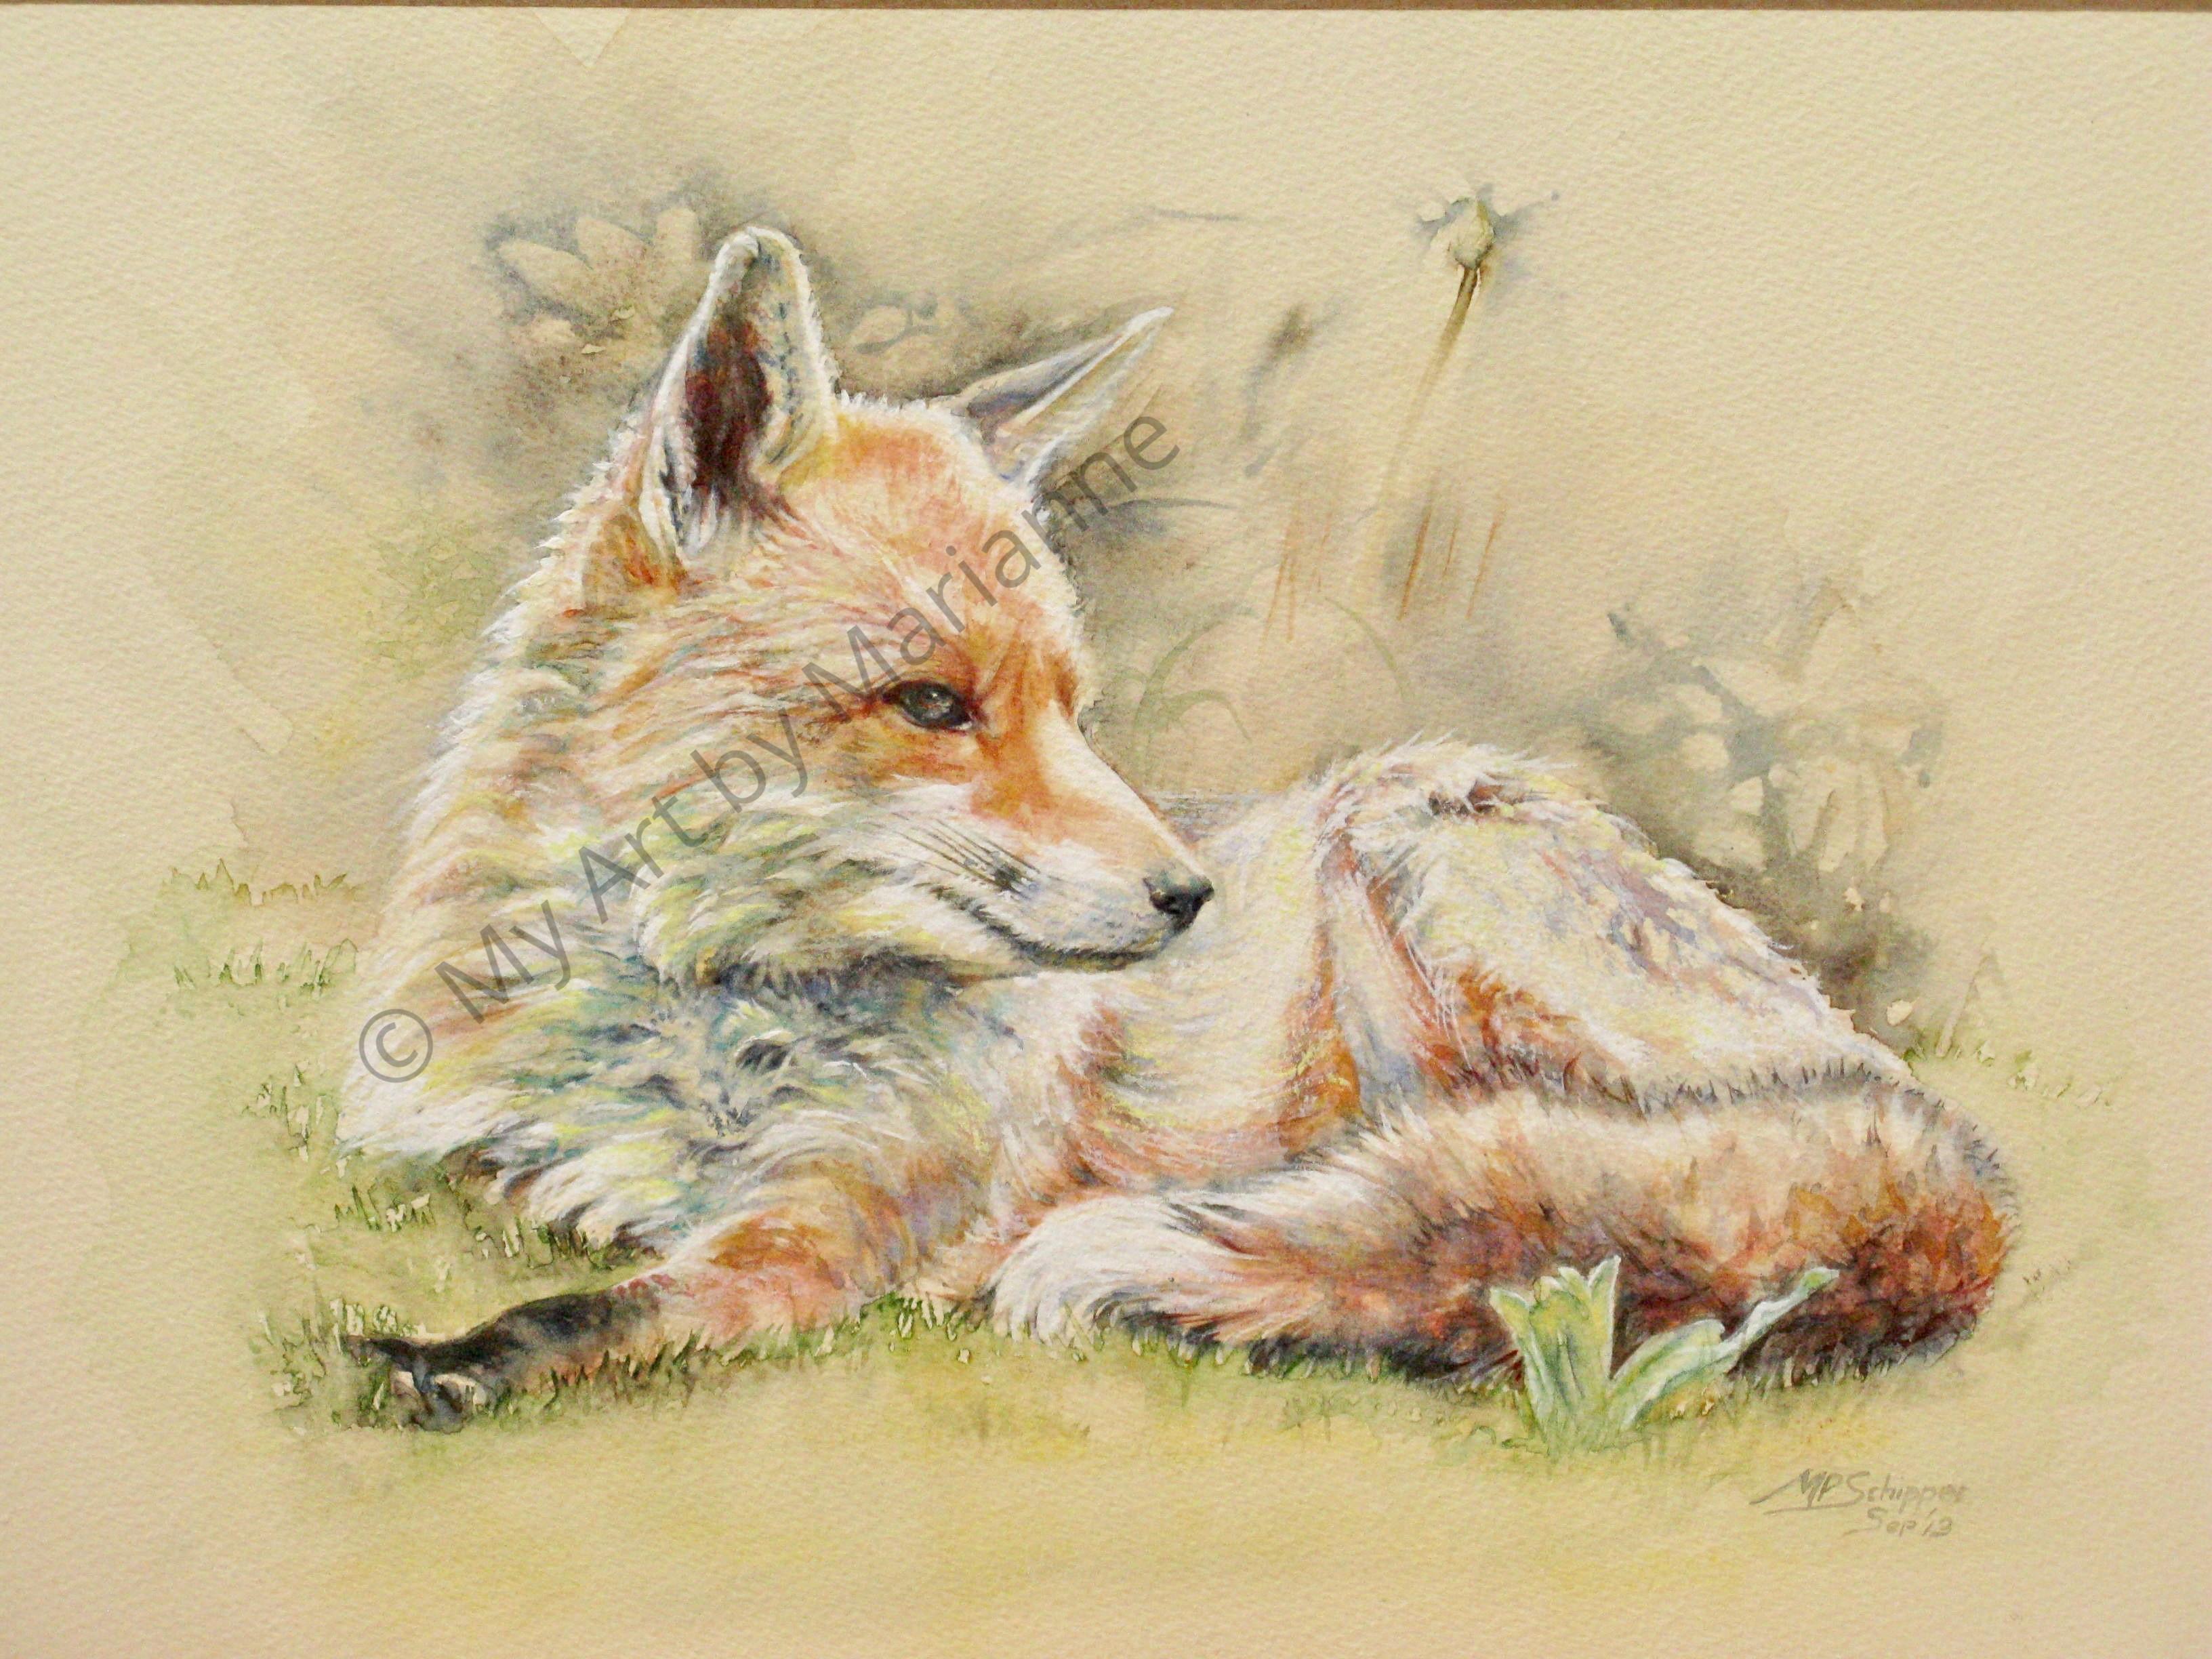 Hawk Pet Fox by Marianne P Schipper